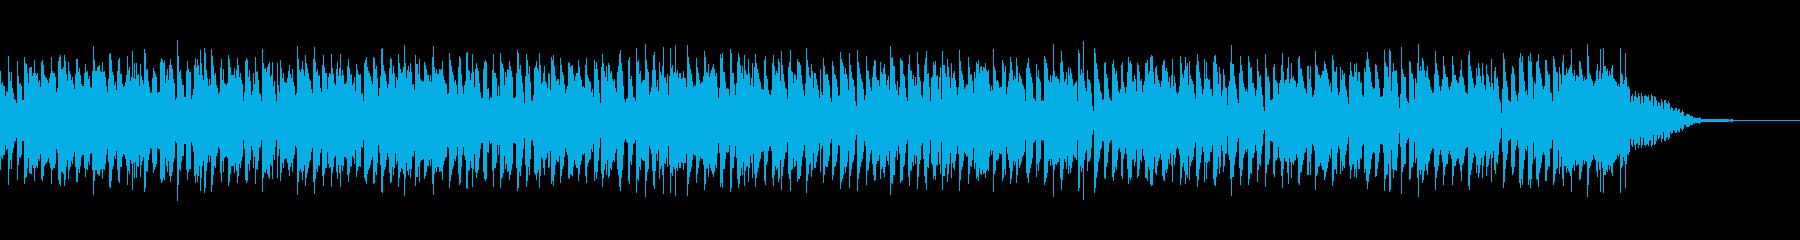 ブルージーなノリのブルースハープの再生済みの波形